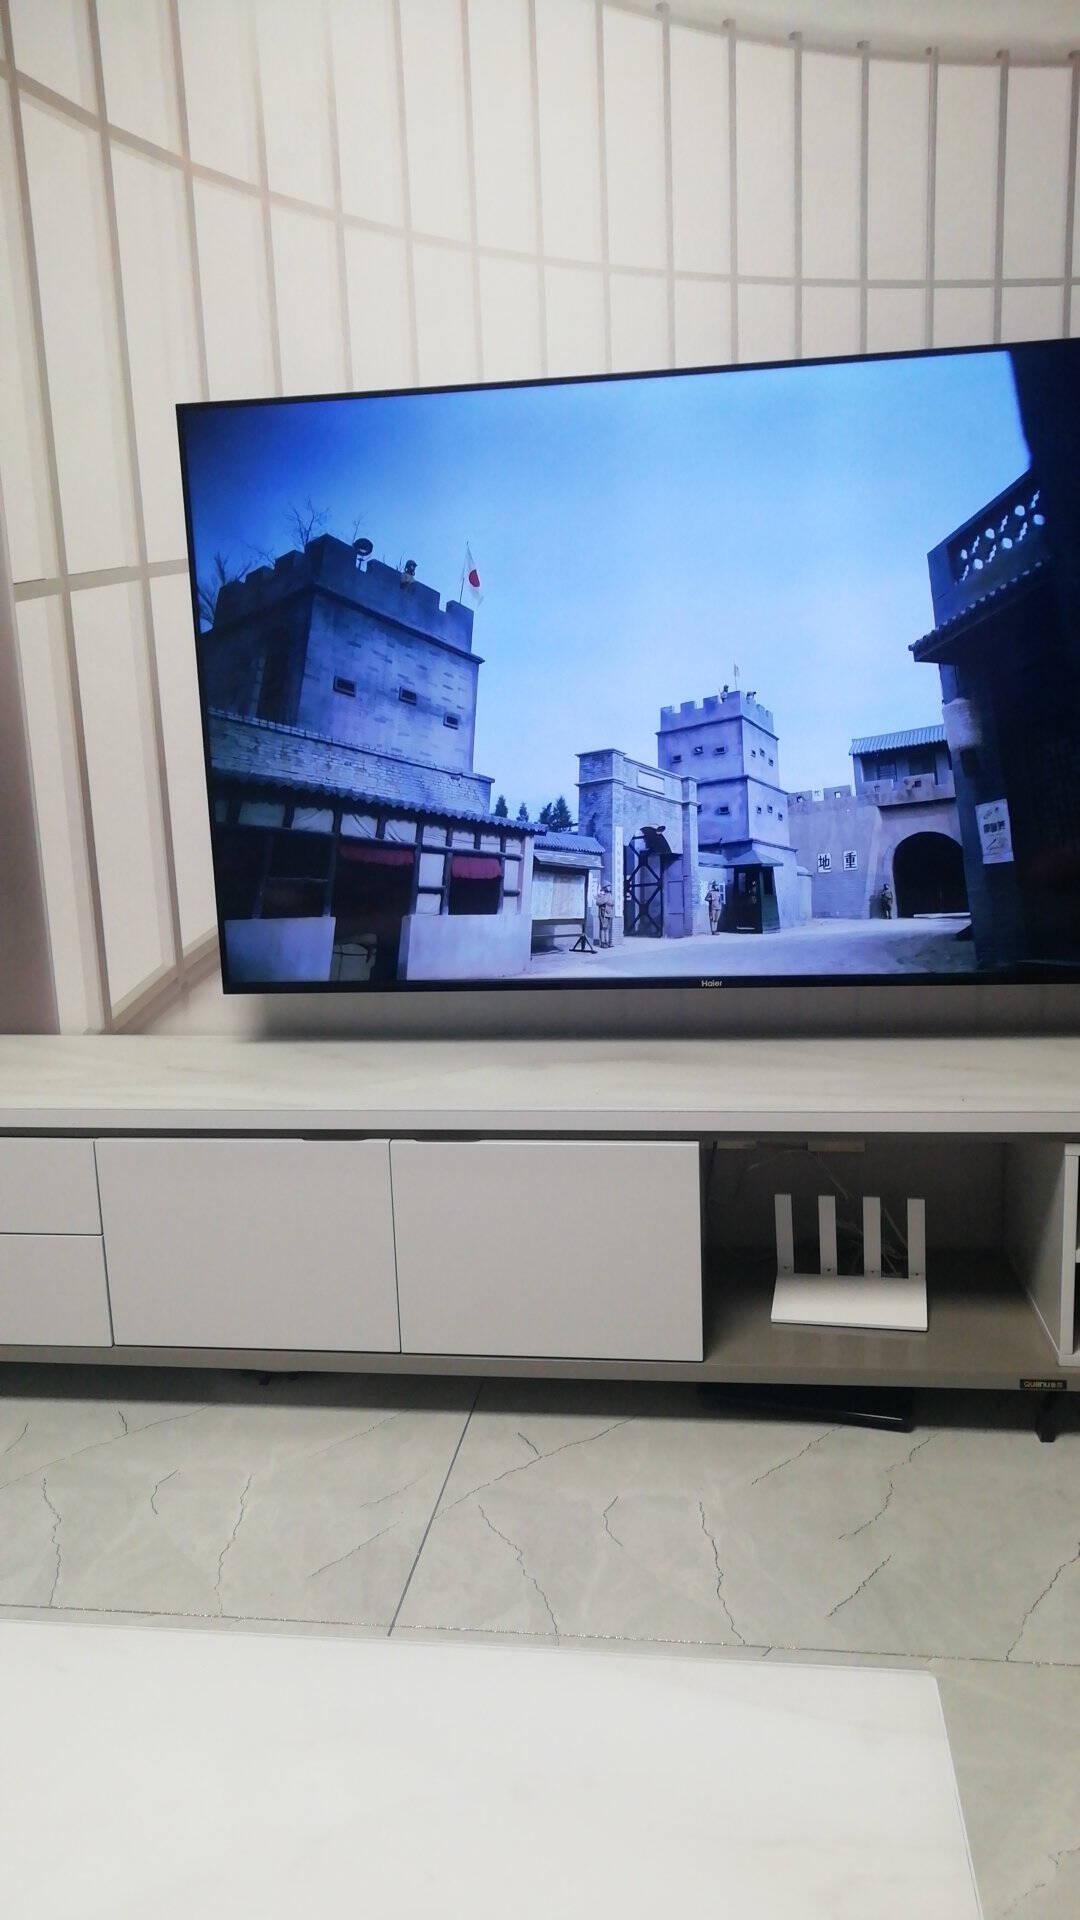 海尔(Haier)65V3165英寸超薄全面屏4K超高清人工智能语音遥控幼儿教育LED液晶电视(黑色)2+16G